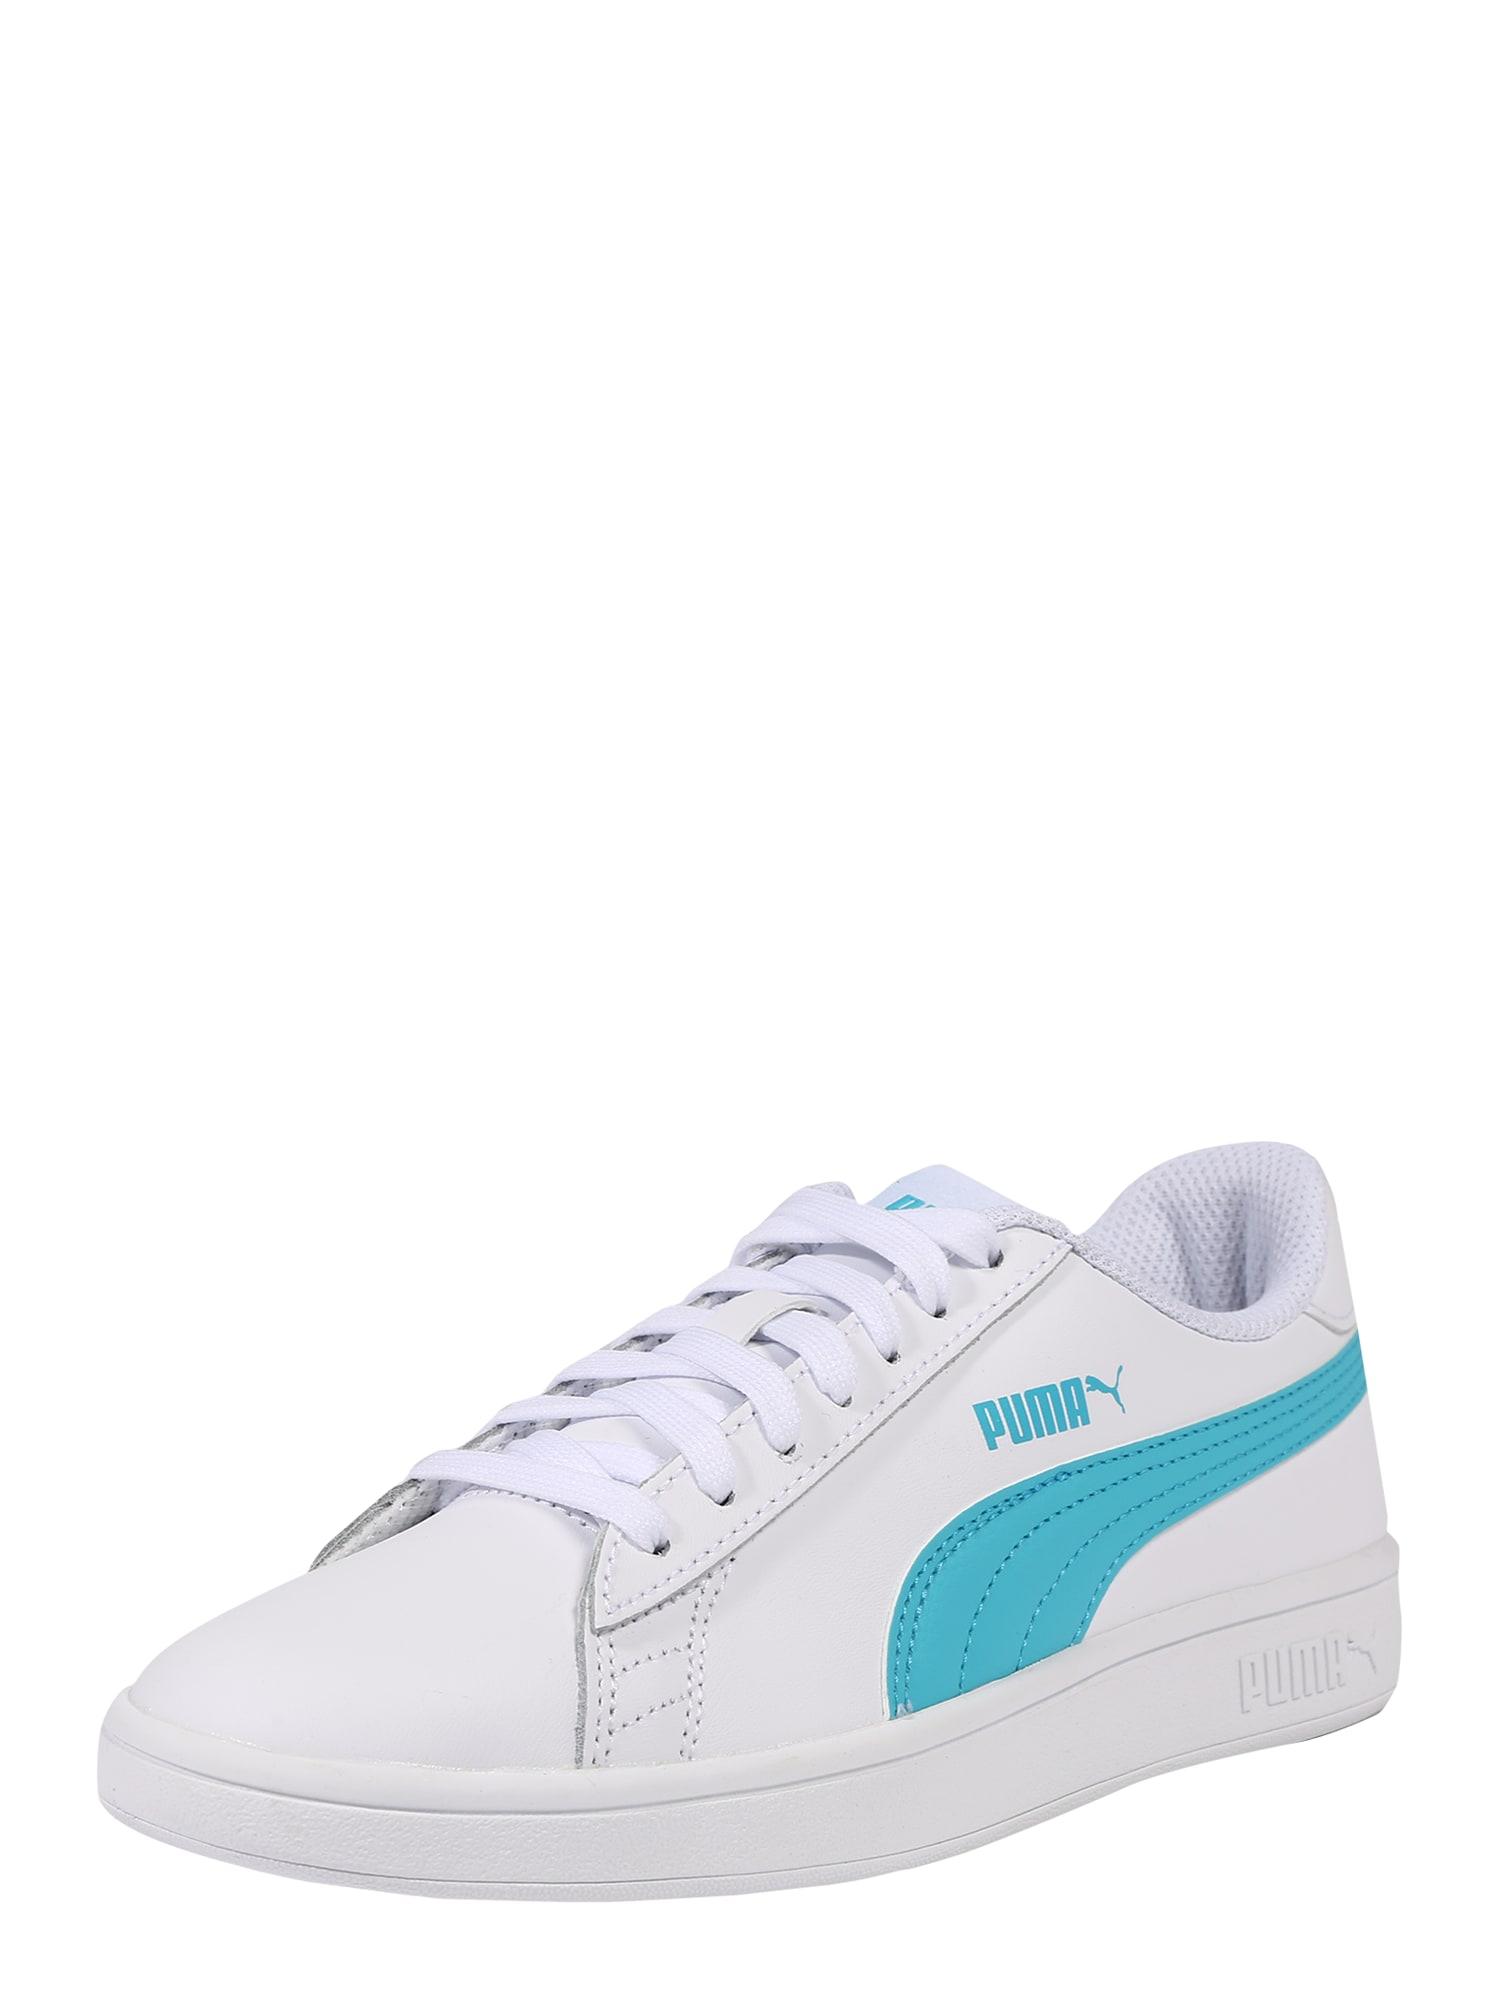 PUMA Sneaker bassa 'Smash v2'  bianco / acqua male shop the look